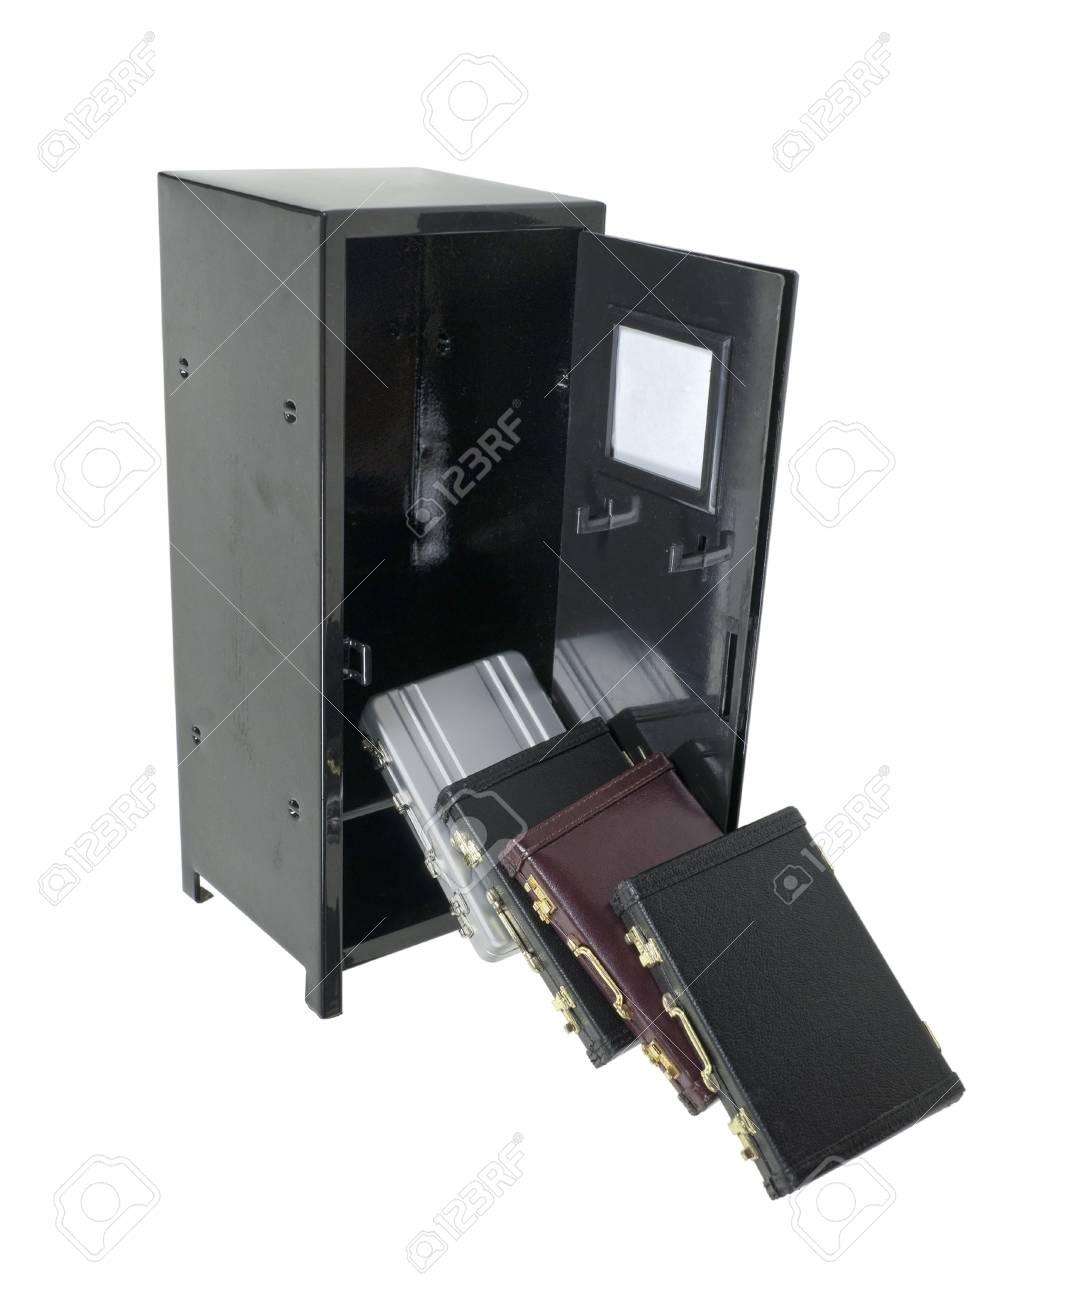 Porte Documents En Cuir Utilise Pour Transporter Des Articles Au